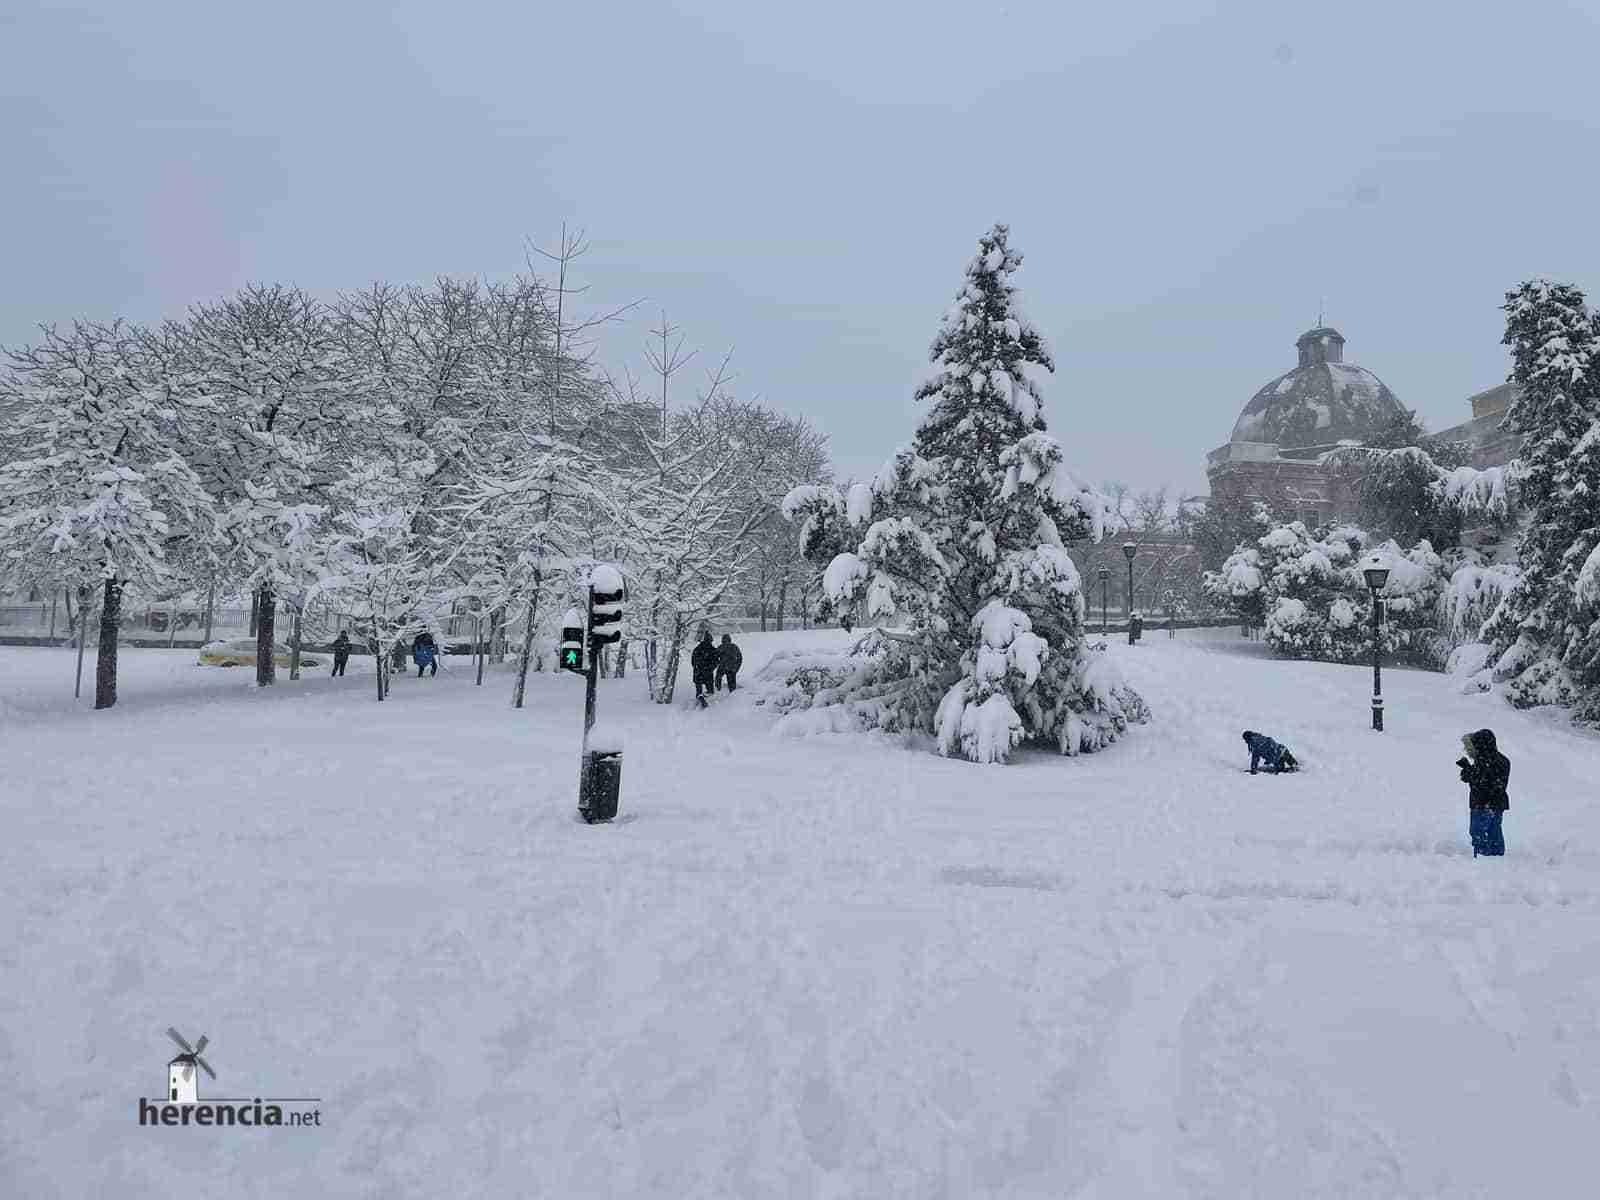 Fotografías de la nevada de enero en Madrid (España) 215